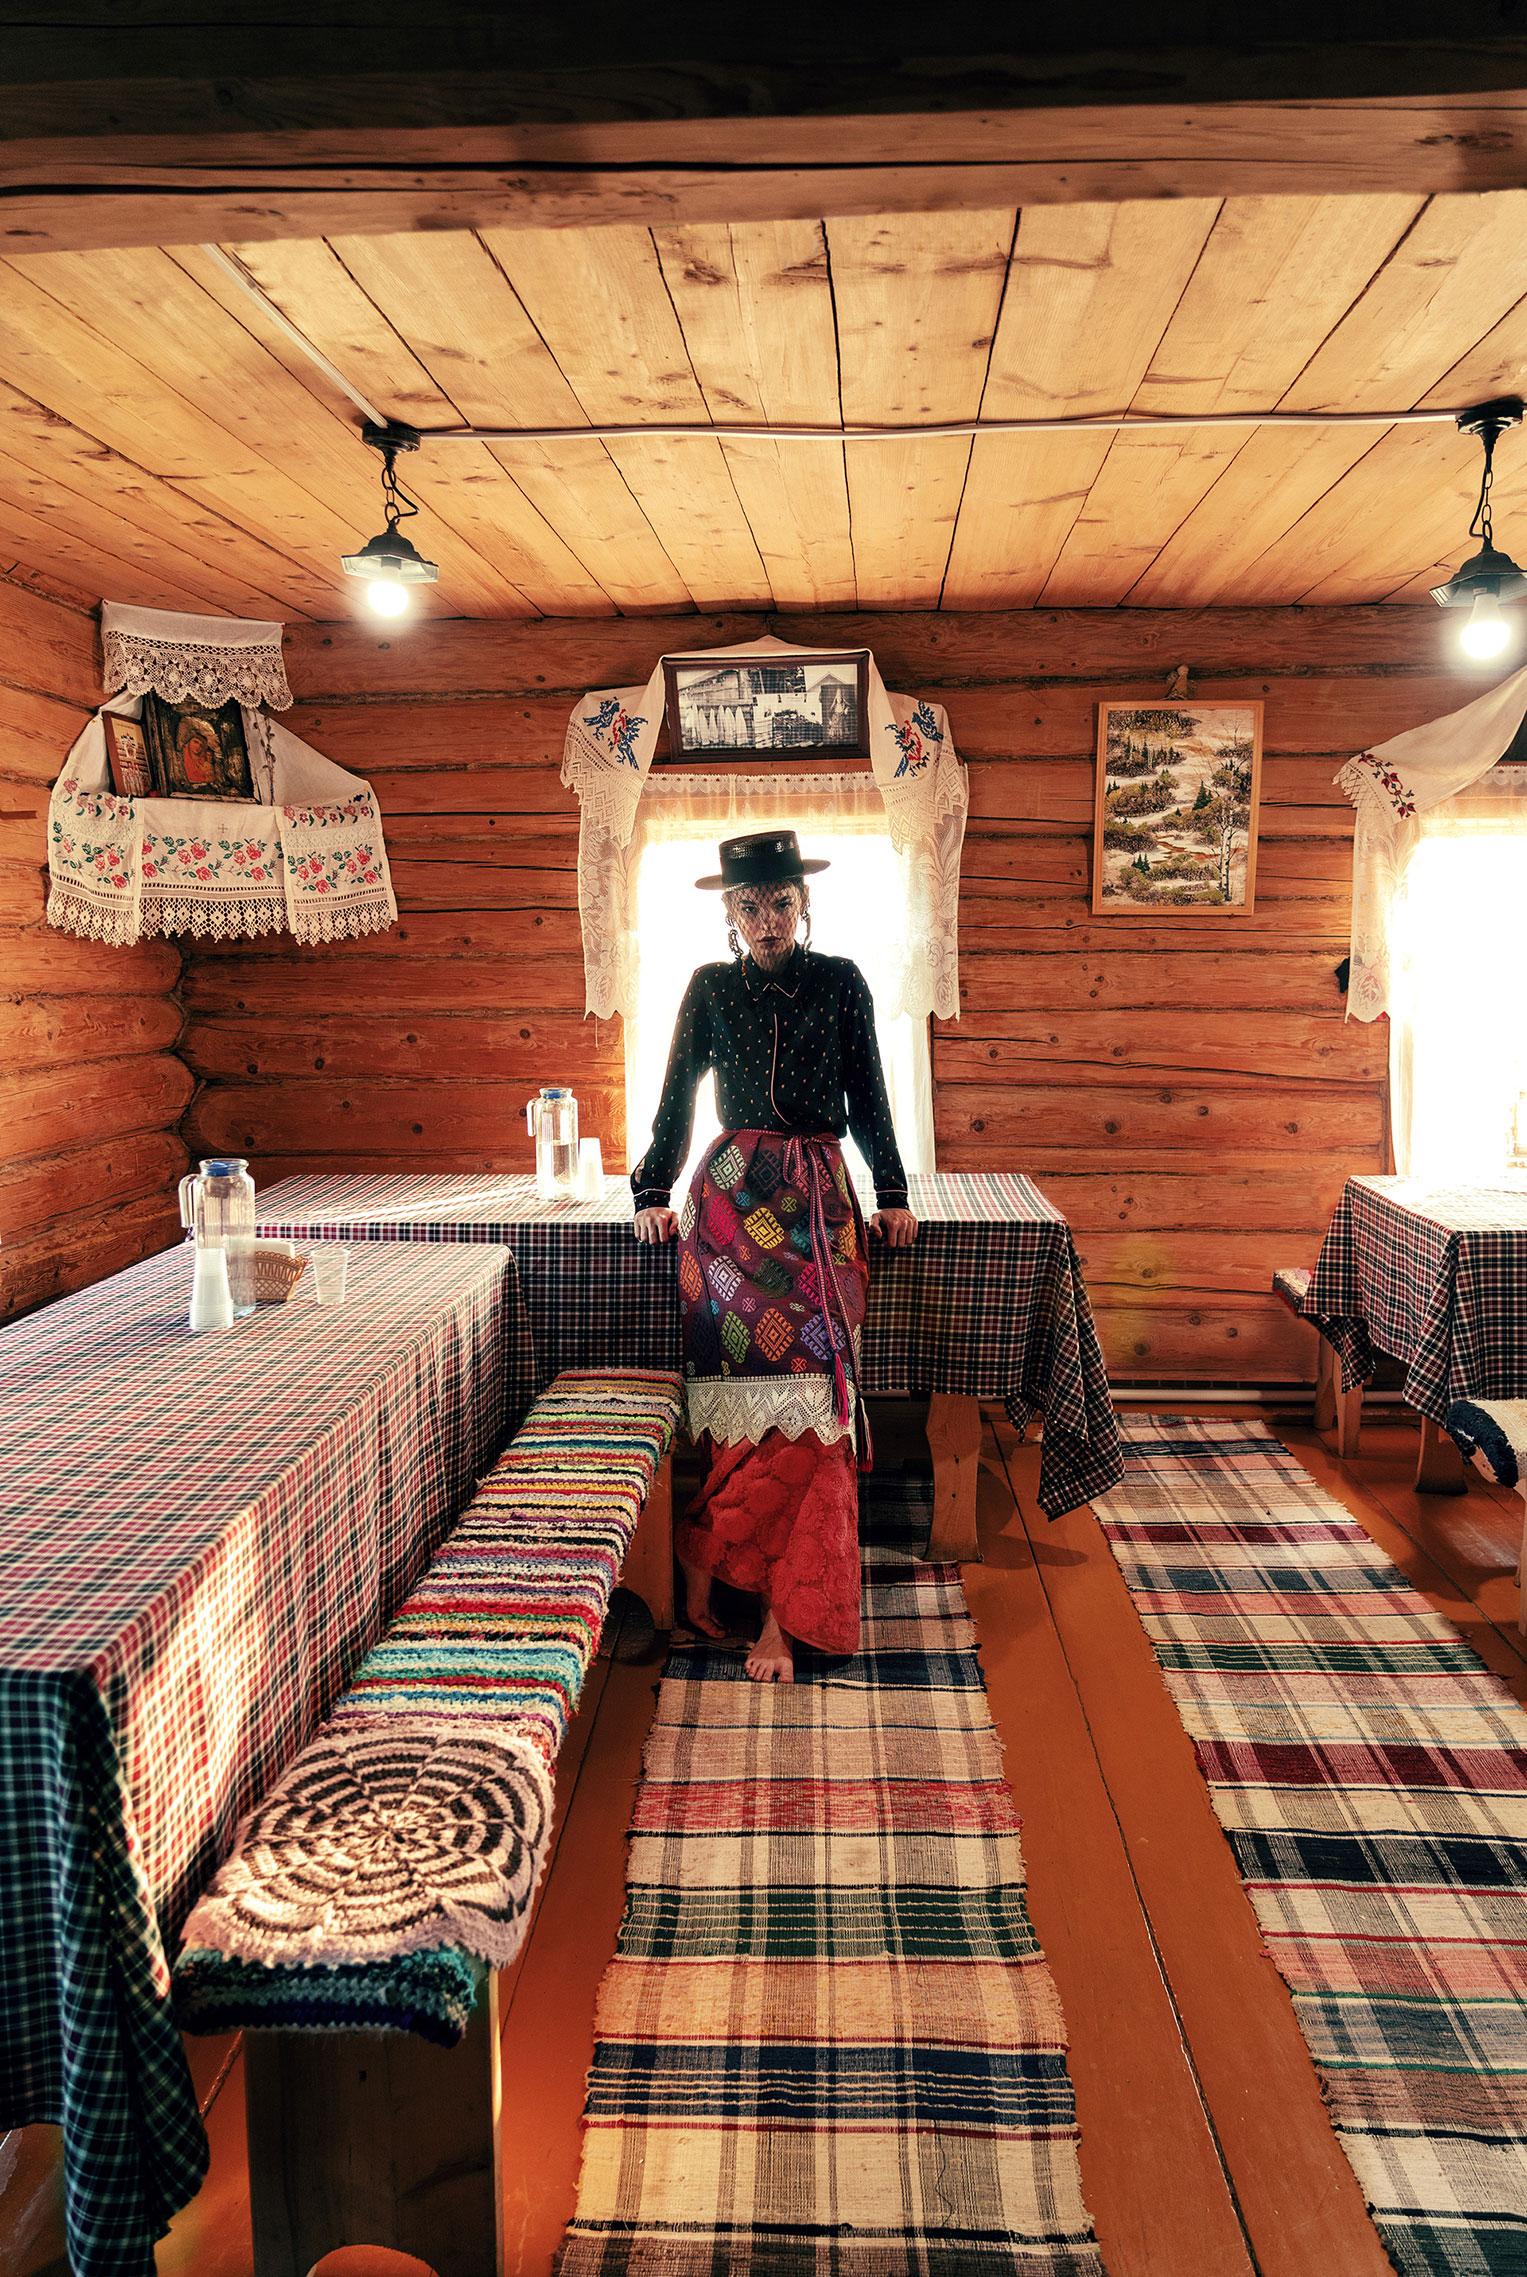 Модные наряды в деревенских интерьерах / фото 10